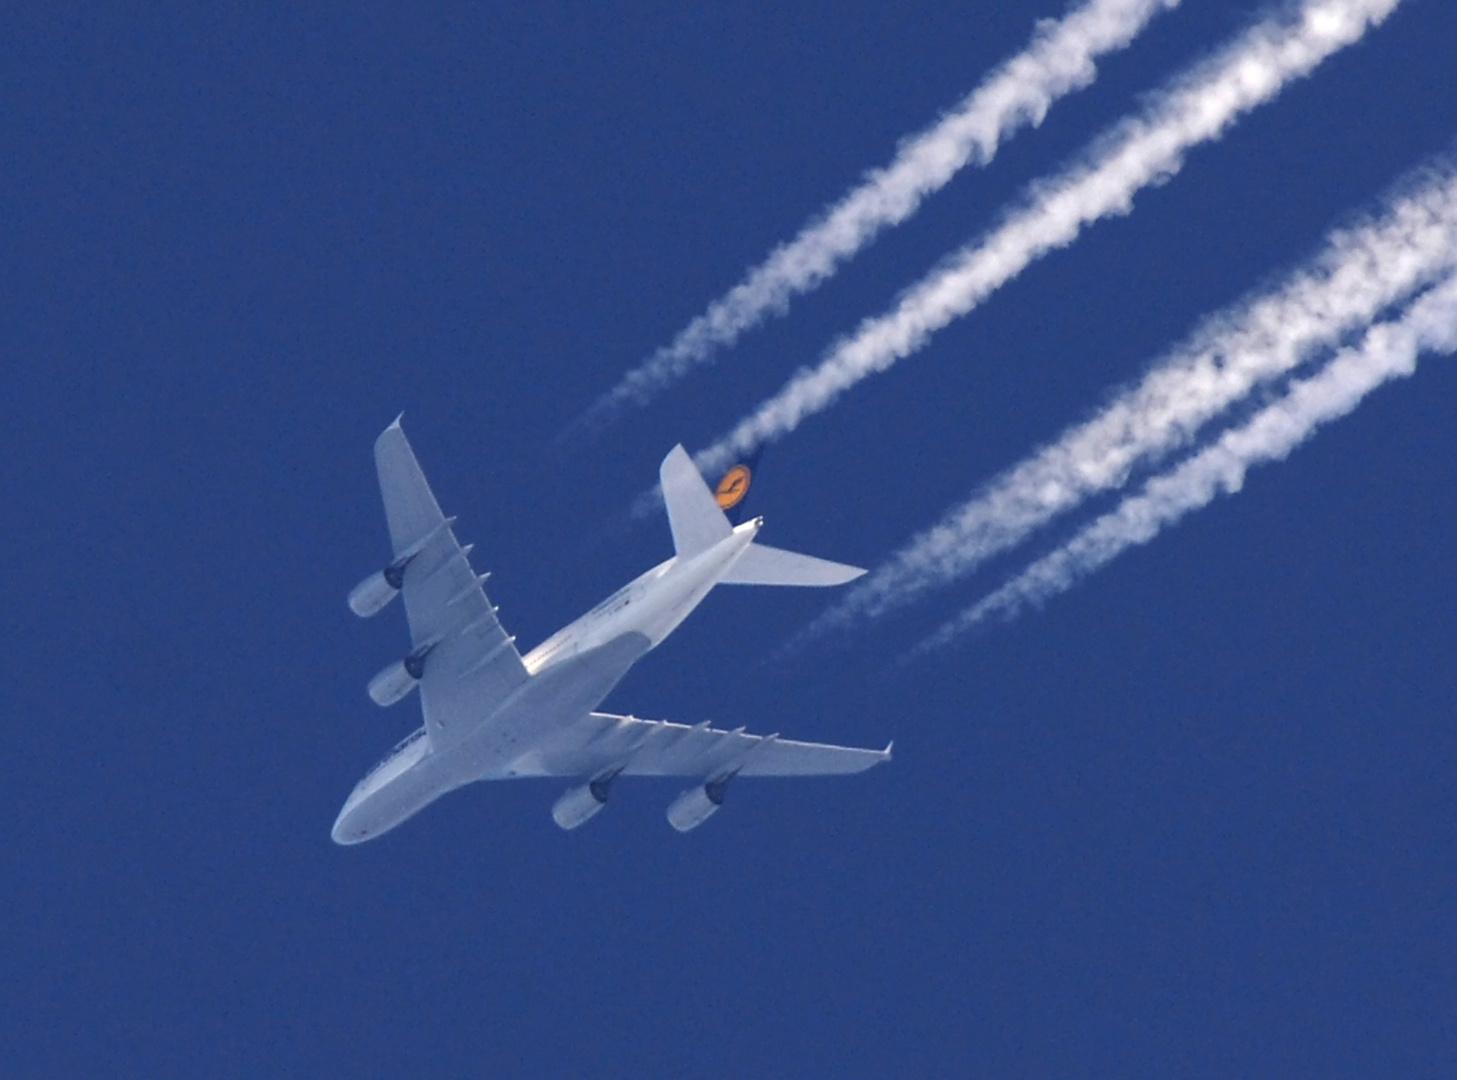 A380 nordöstlich von Berlin mit 960km/h in 40000 feet (12192 m)  nach Tokio unterwegs